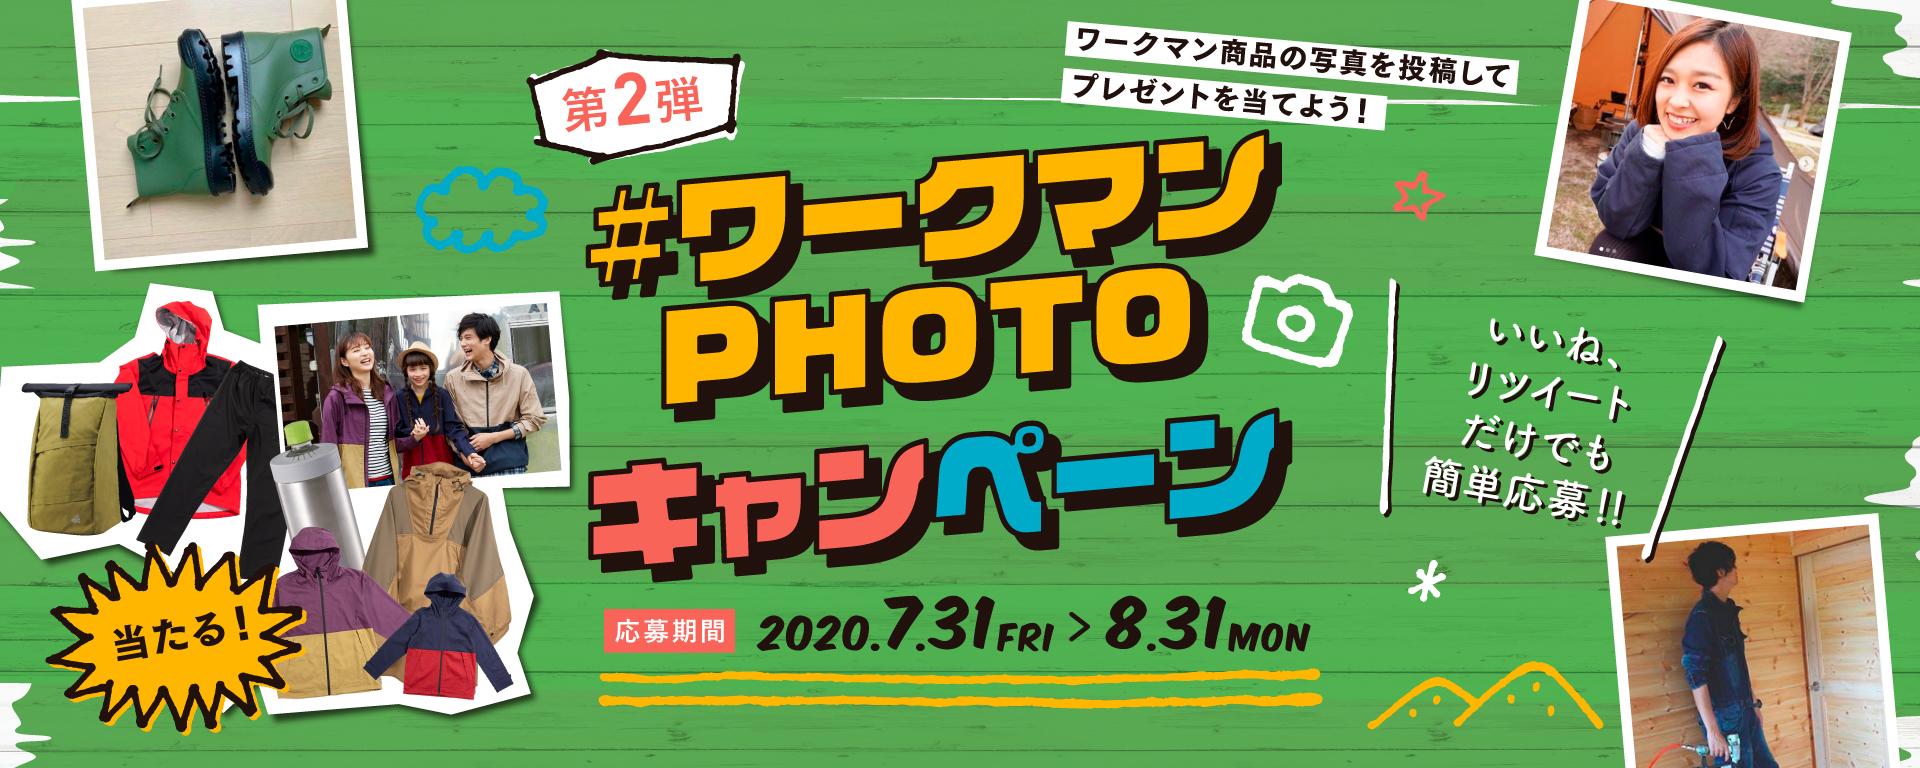 第2弾!ワークマン PHOTOキャンペーン